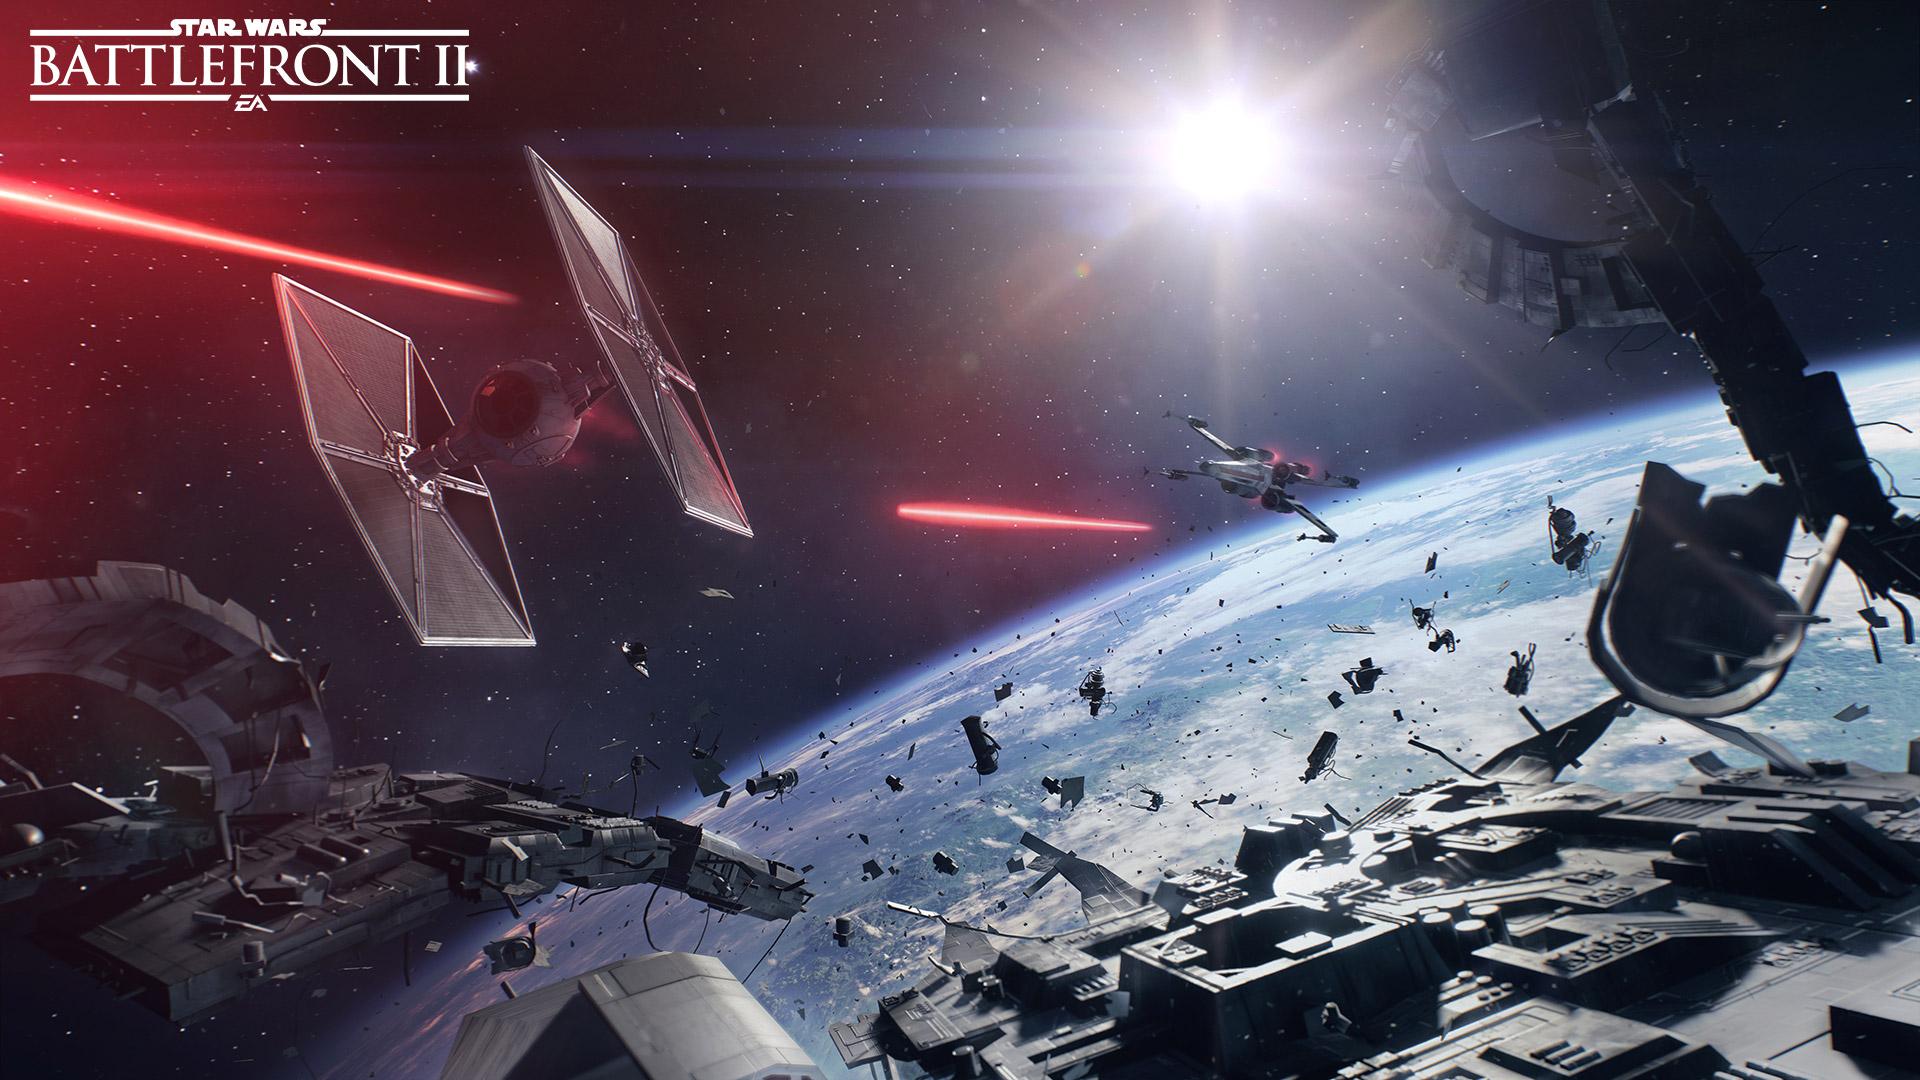 Free Star Wars: Battlefront II Wallpaper in 1920x1080